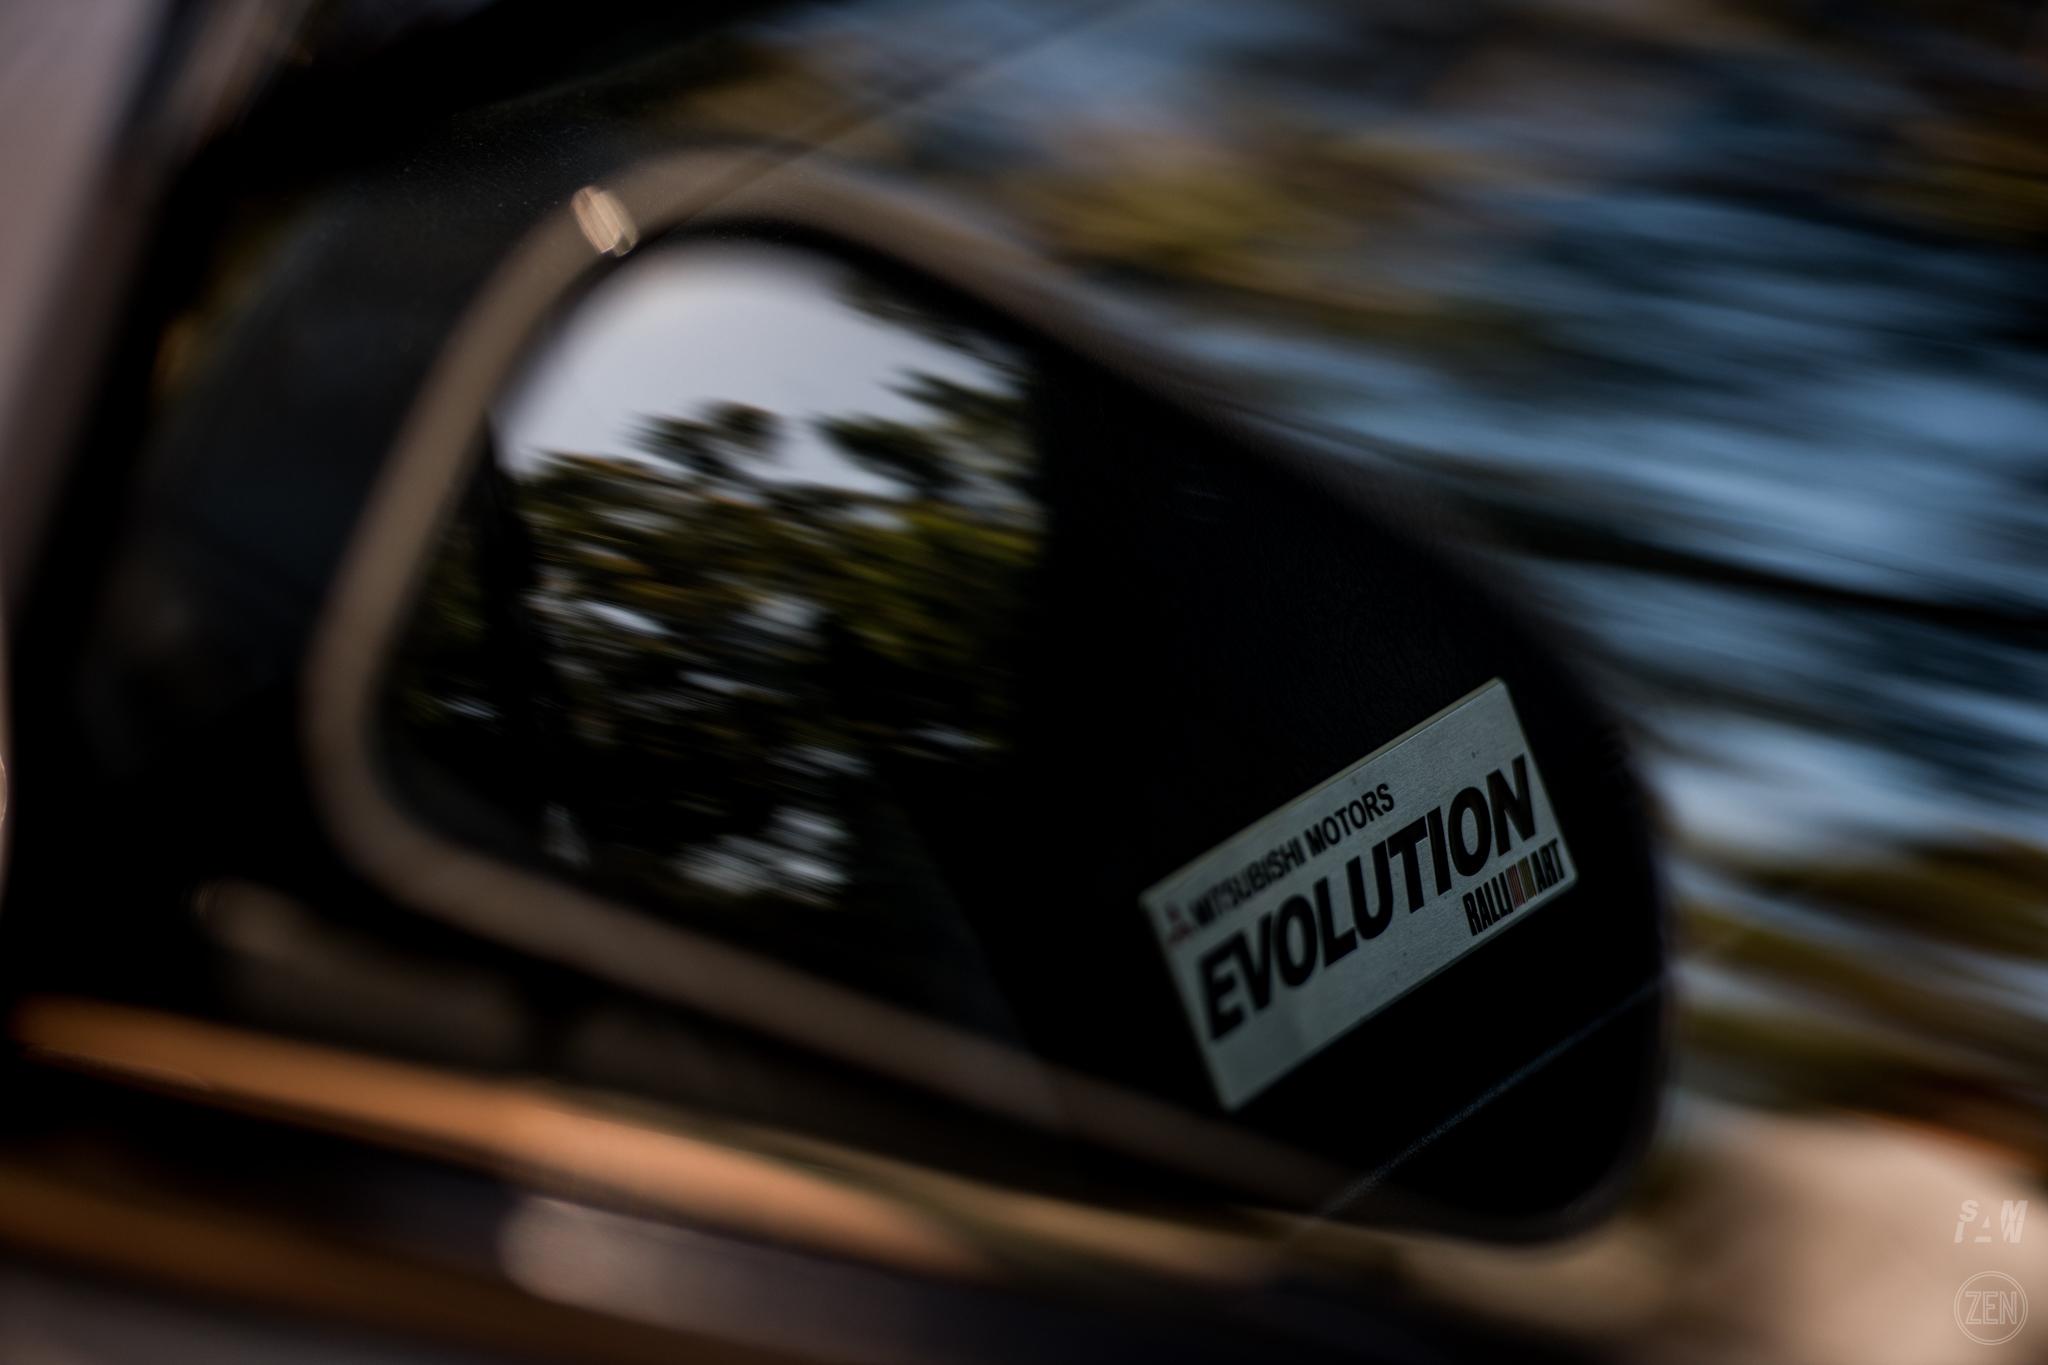 2021-02-07 - Autobrunch 095